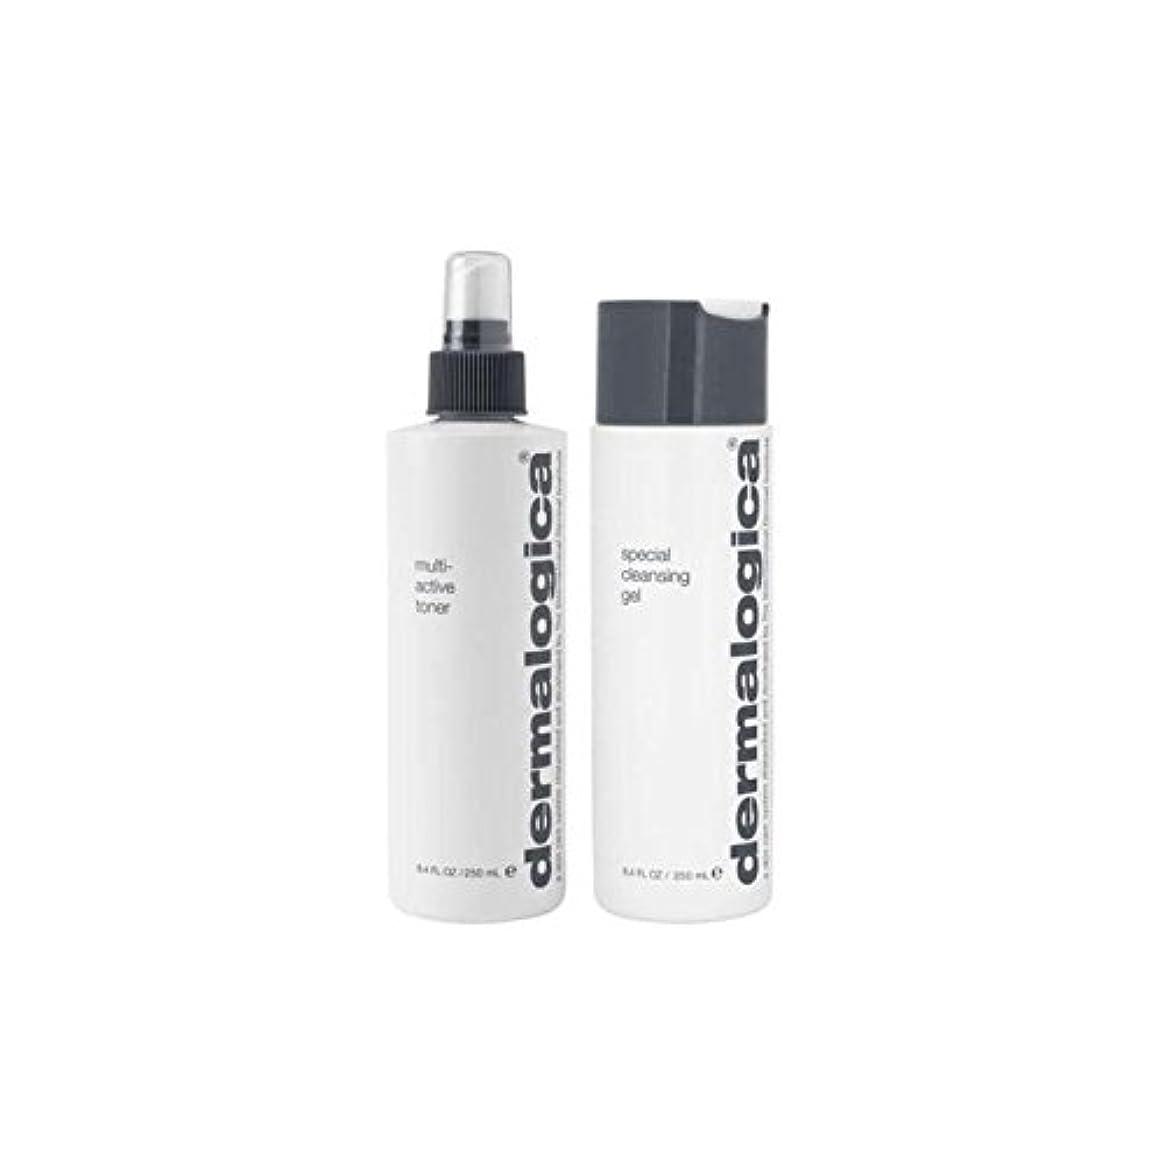 デッドロックハウス考古学的なダーマロジカクレンジング&トーンデュオ - ノーマル/ドライスキン(2製品) x2 - Dermalogica Cleanse & Tone Duo - Normal/Dry Skin (2 Products) (Pack...